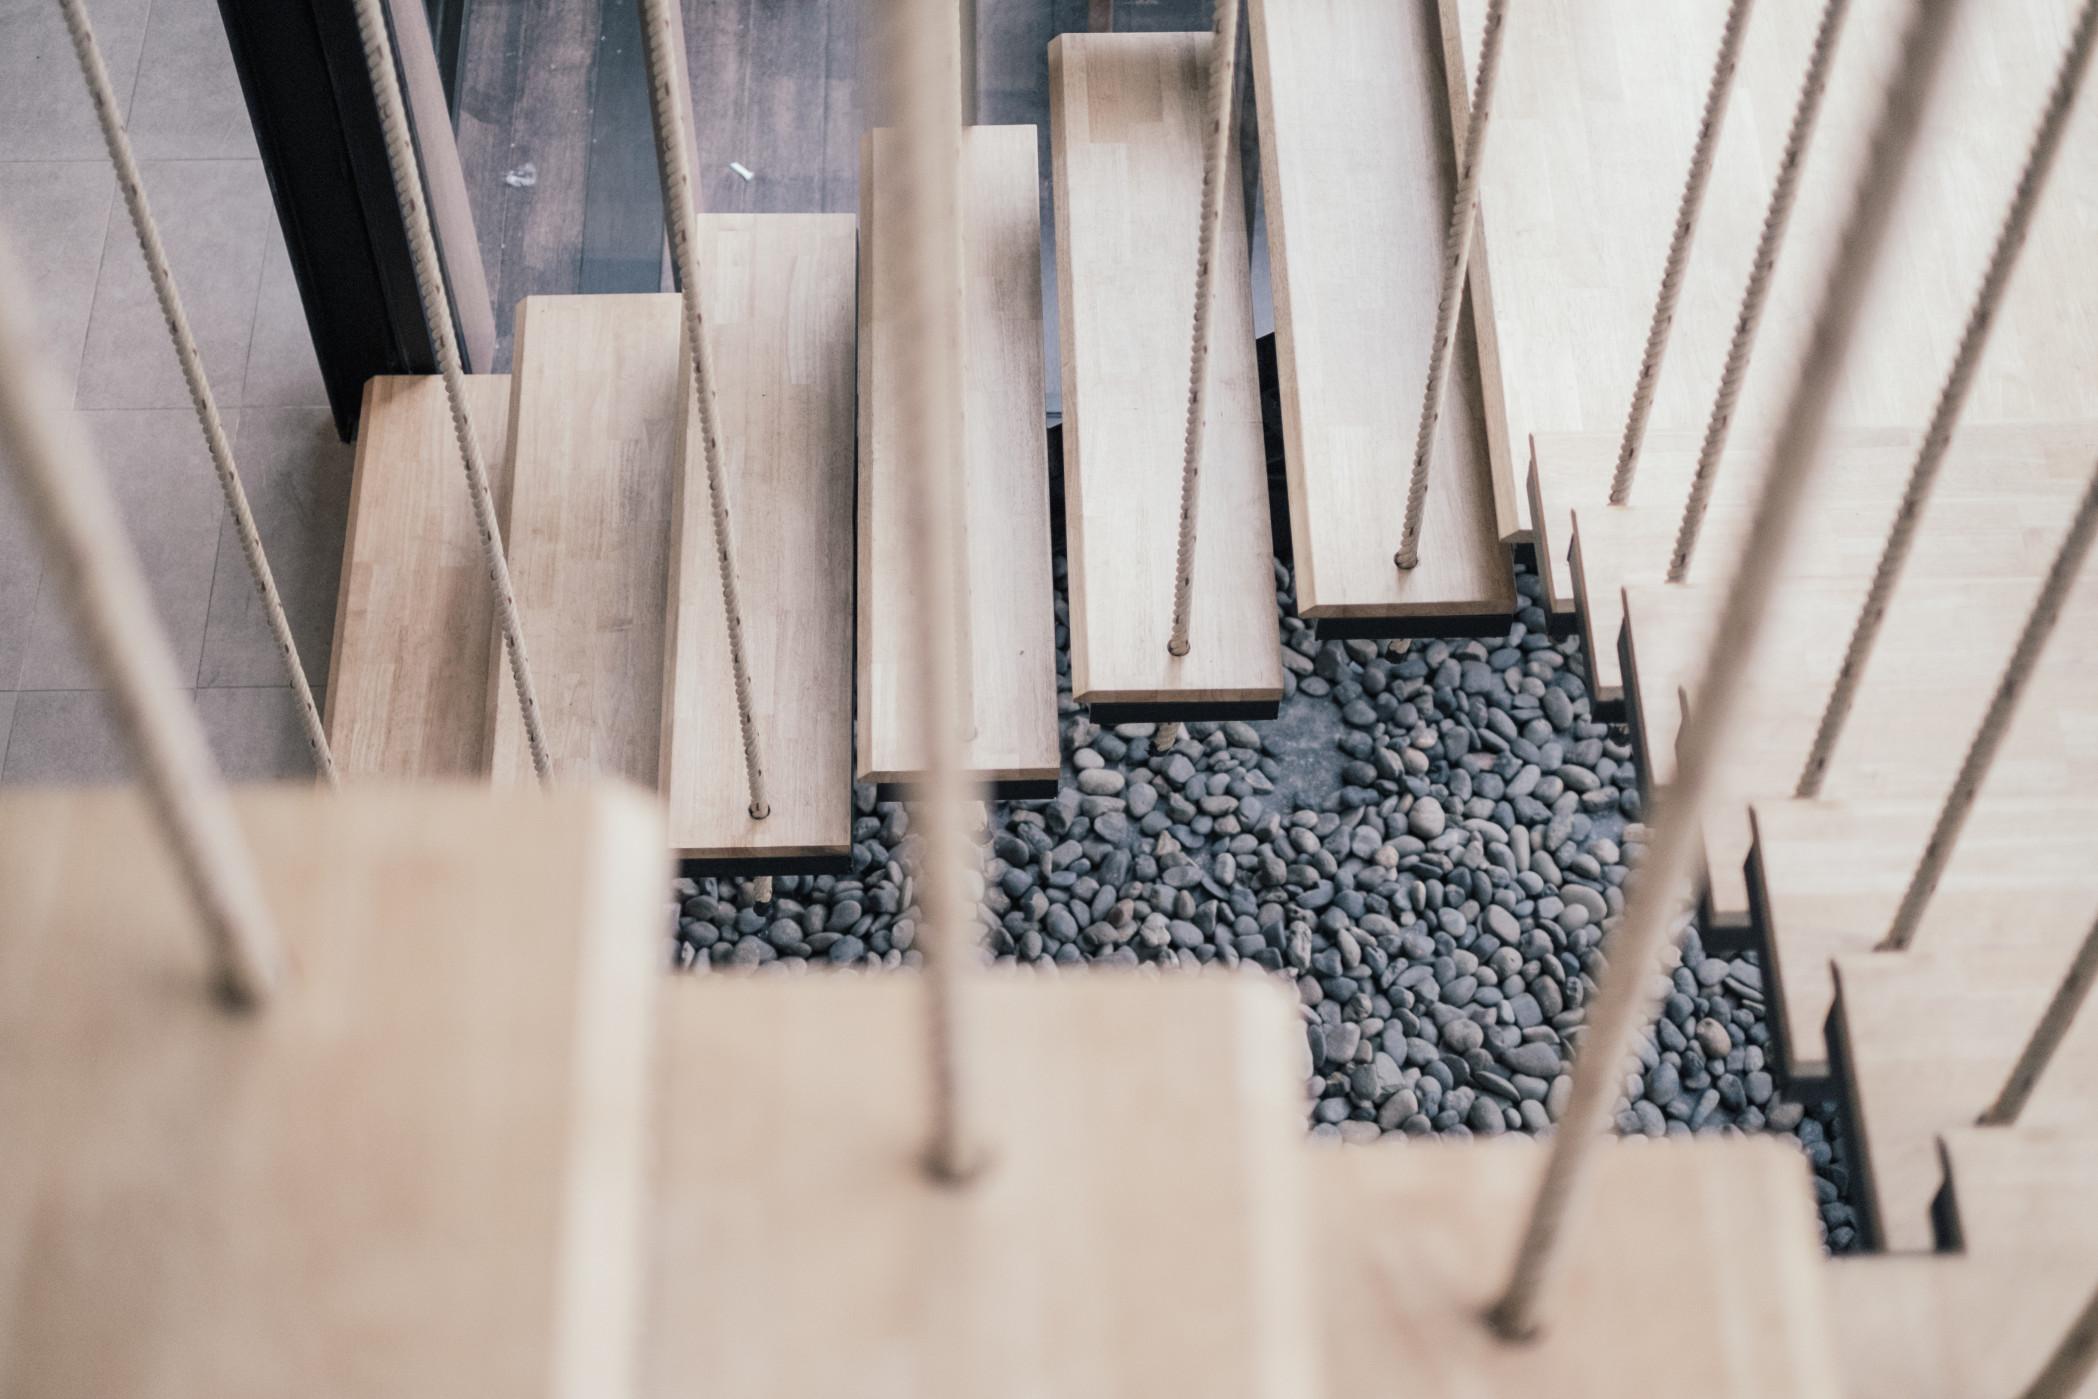 Schöne Stiegen - Eine edle Holztreppe bietet einen Blickfang im Haus! Bild:@WR36 via Twenty20